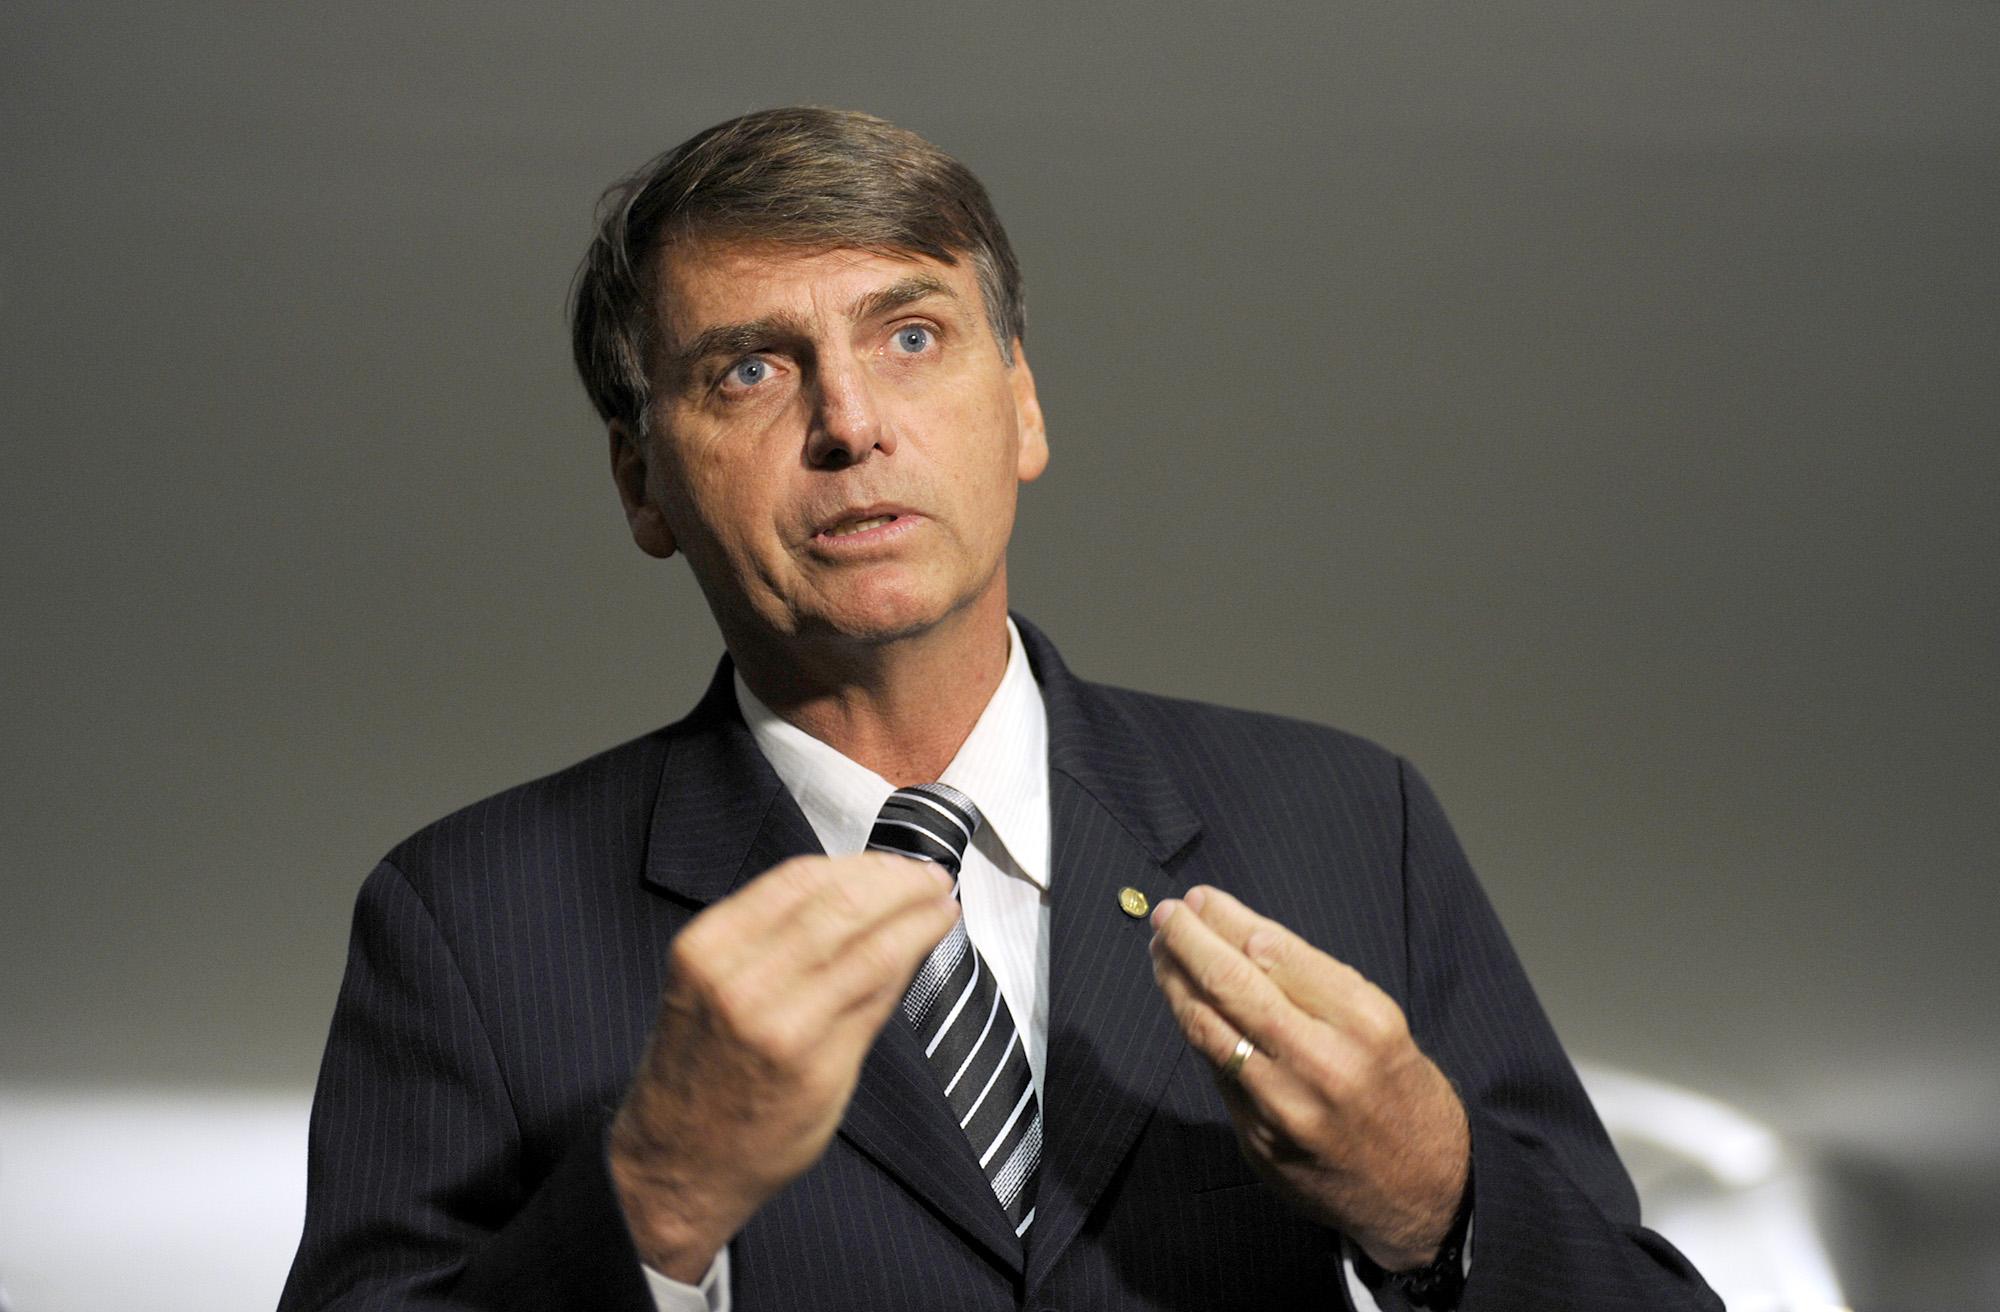 05/05/2010 - Brasília/DF - Jair Bolsonaro fala sobre Comissão da Verdade. Foto: Janine Moraes